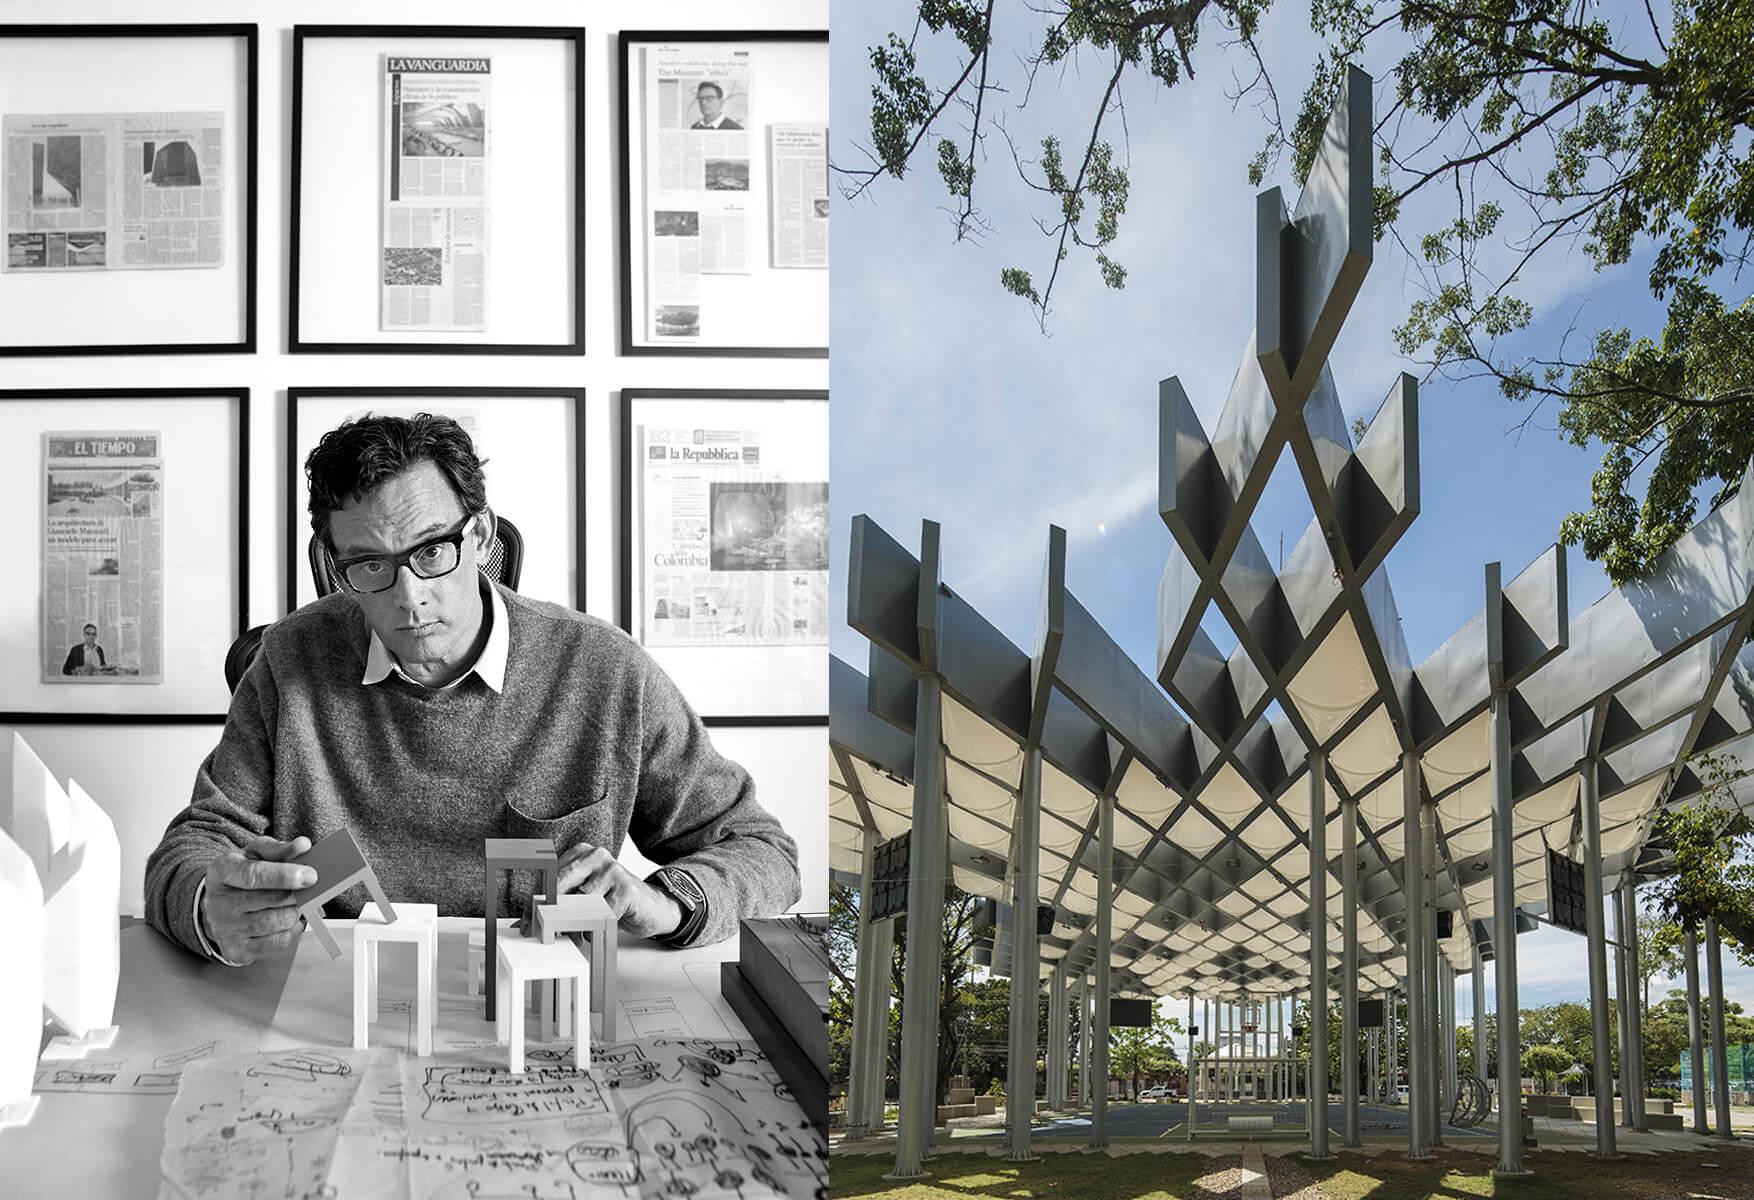 <a href='https://revistaaxxis.com.co/giancarlo-mazzanti/'><h2>Giancarlo Mazzanti</h2>En virtud delsentido transgresor de sus proyectos: geometrías que se salen del formato, como parte de un mismo juego, alinean los componentes estructurales, funcionales y estéticos, la firma dirigida porGiancarlo Mazzanti(Barranquilla, 1963) goza de gran reconocimiento, tanto dentro como fuera del país.</a>